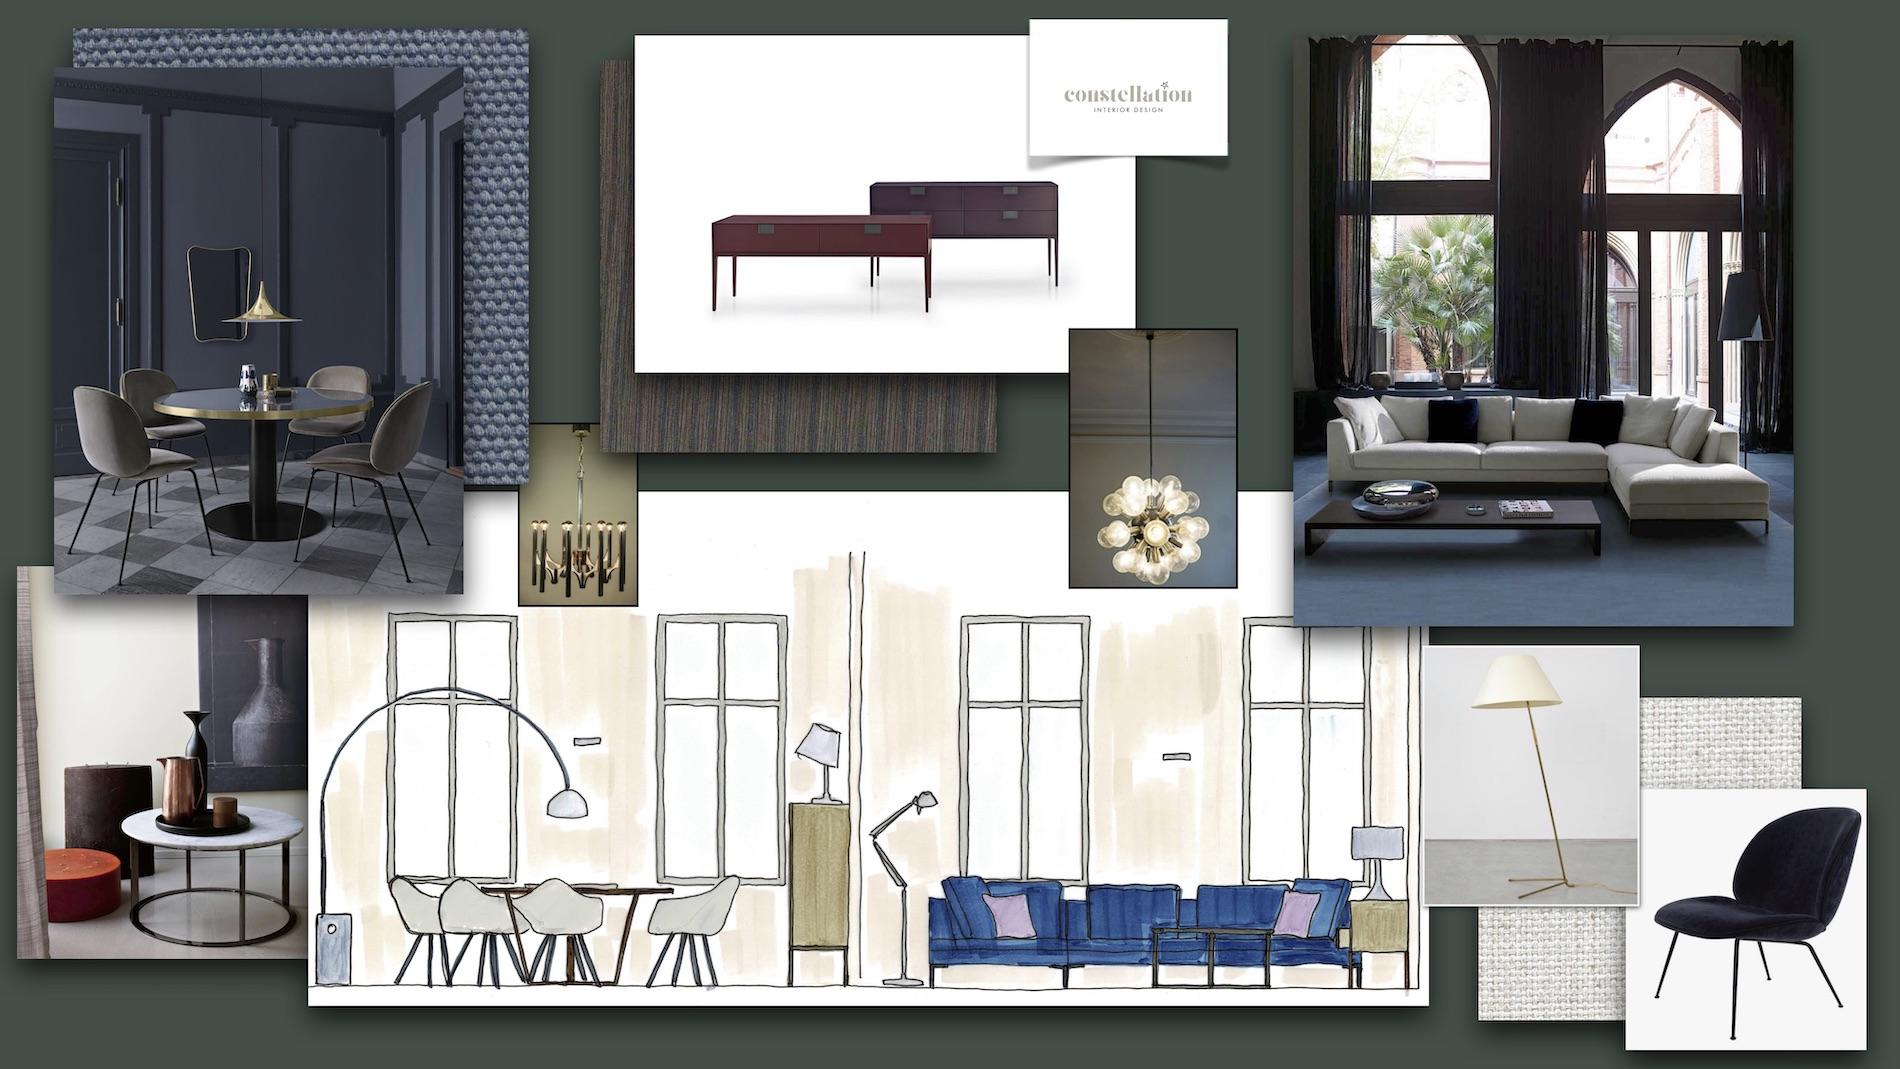 Living Room Wohnzimmer Einrichtung Vorschlag